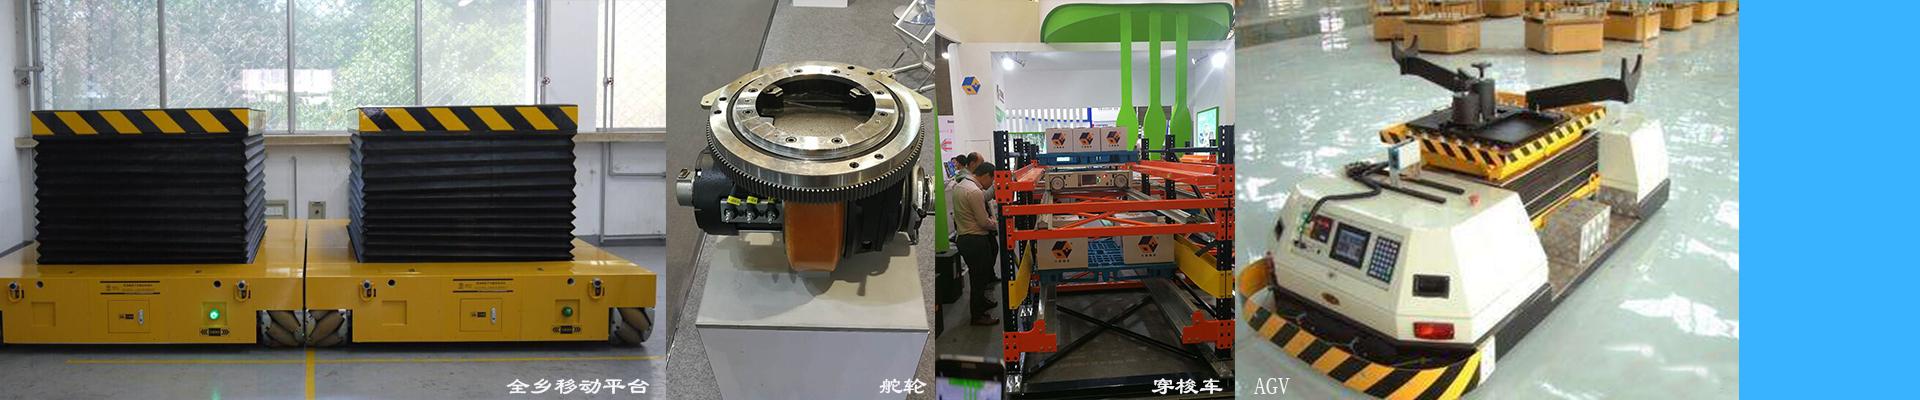 济南预立直驱电机有限公司